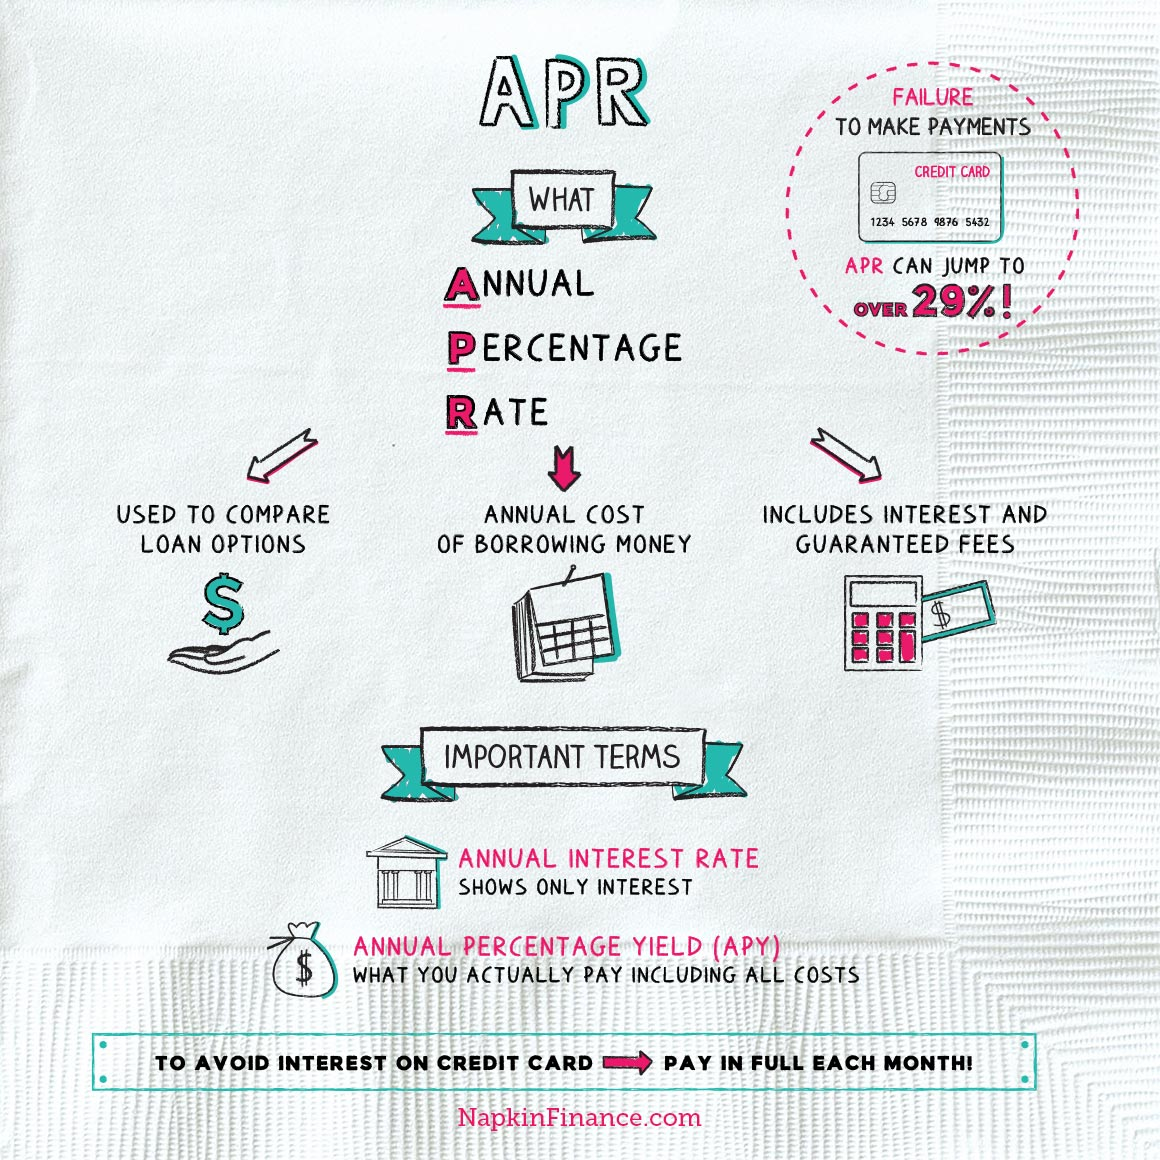 NapkinFinance-APR-Napkin-05-14-19-v05